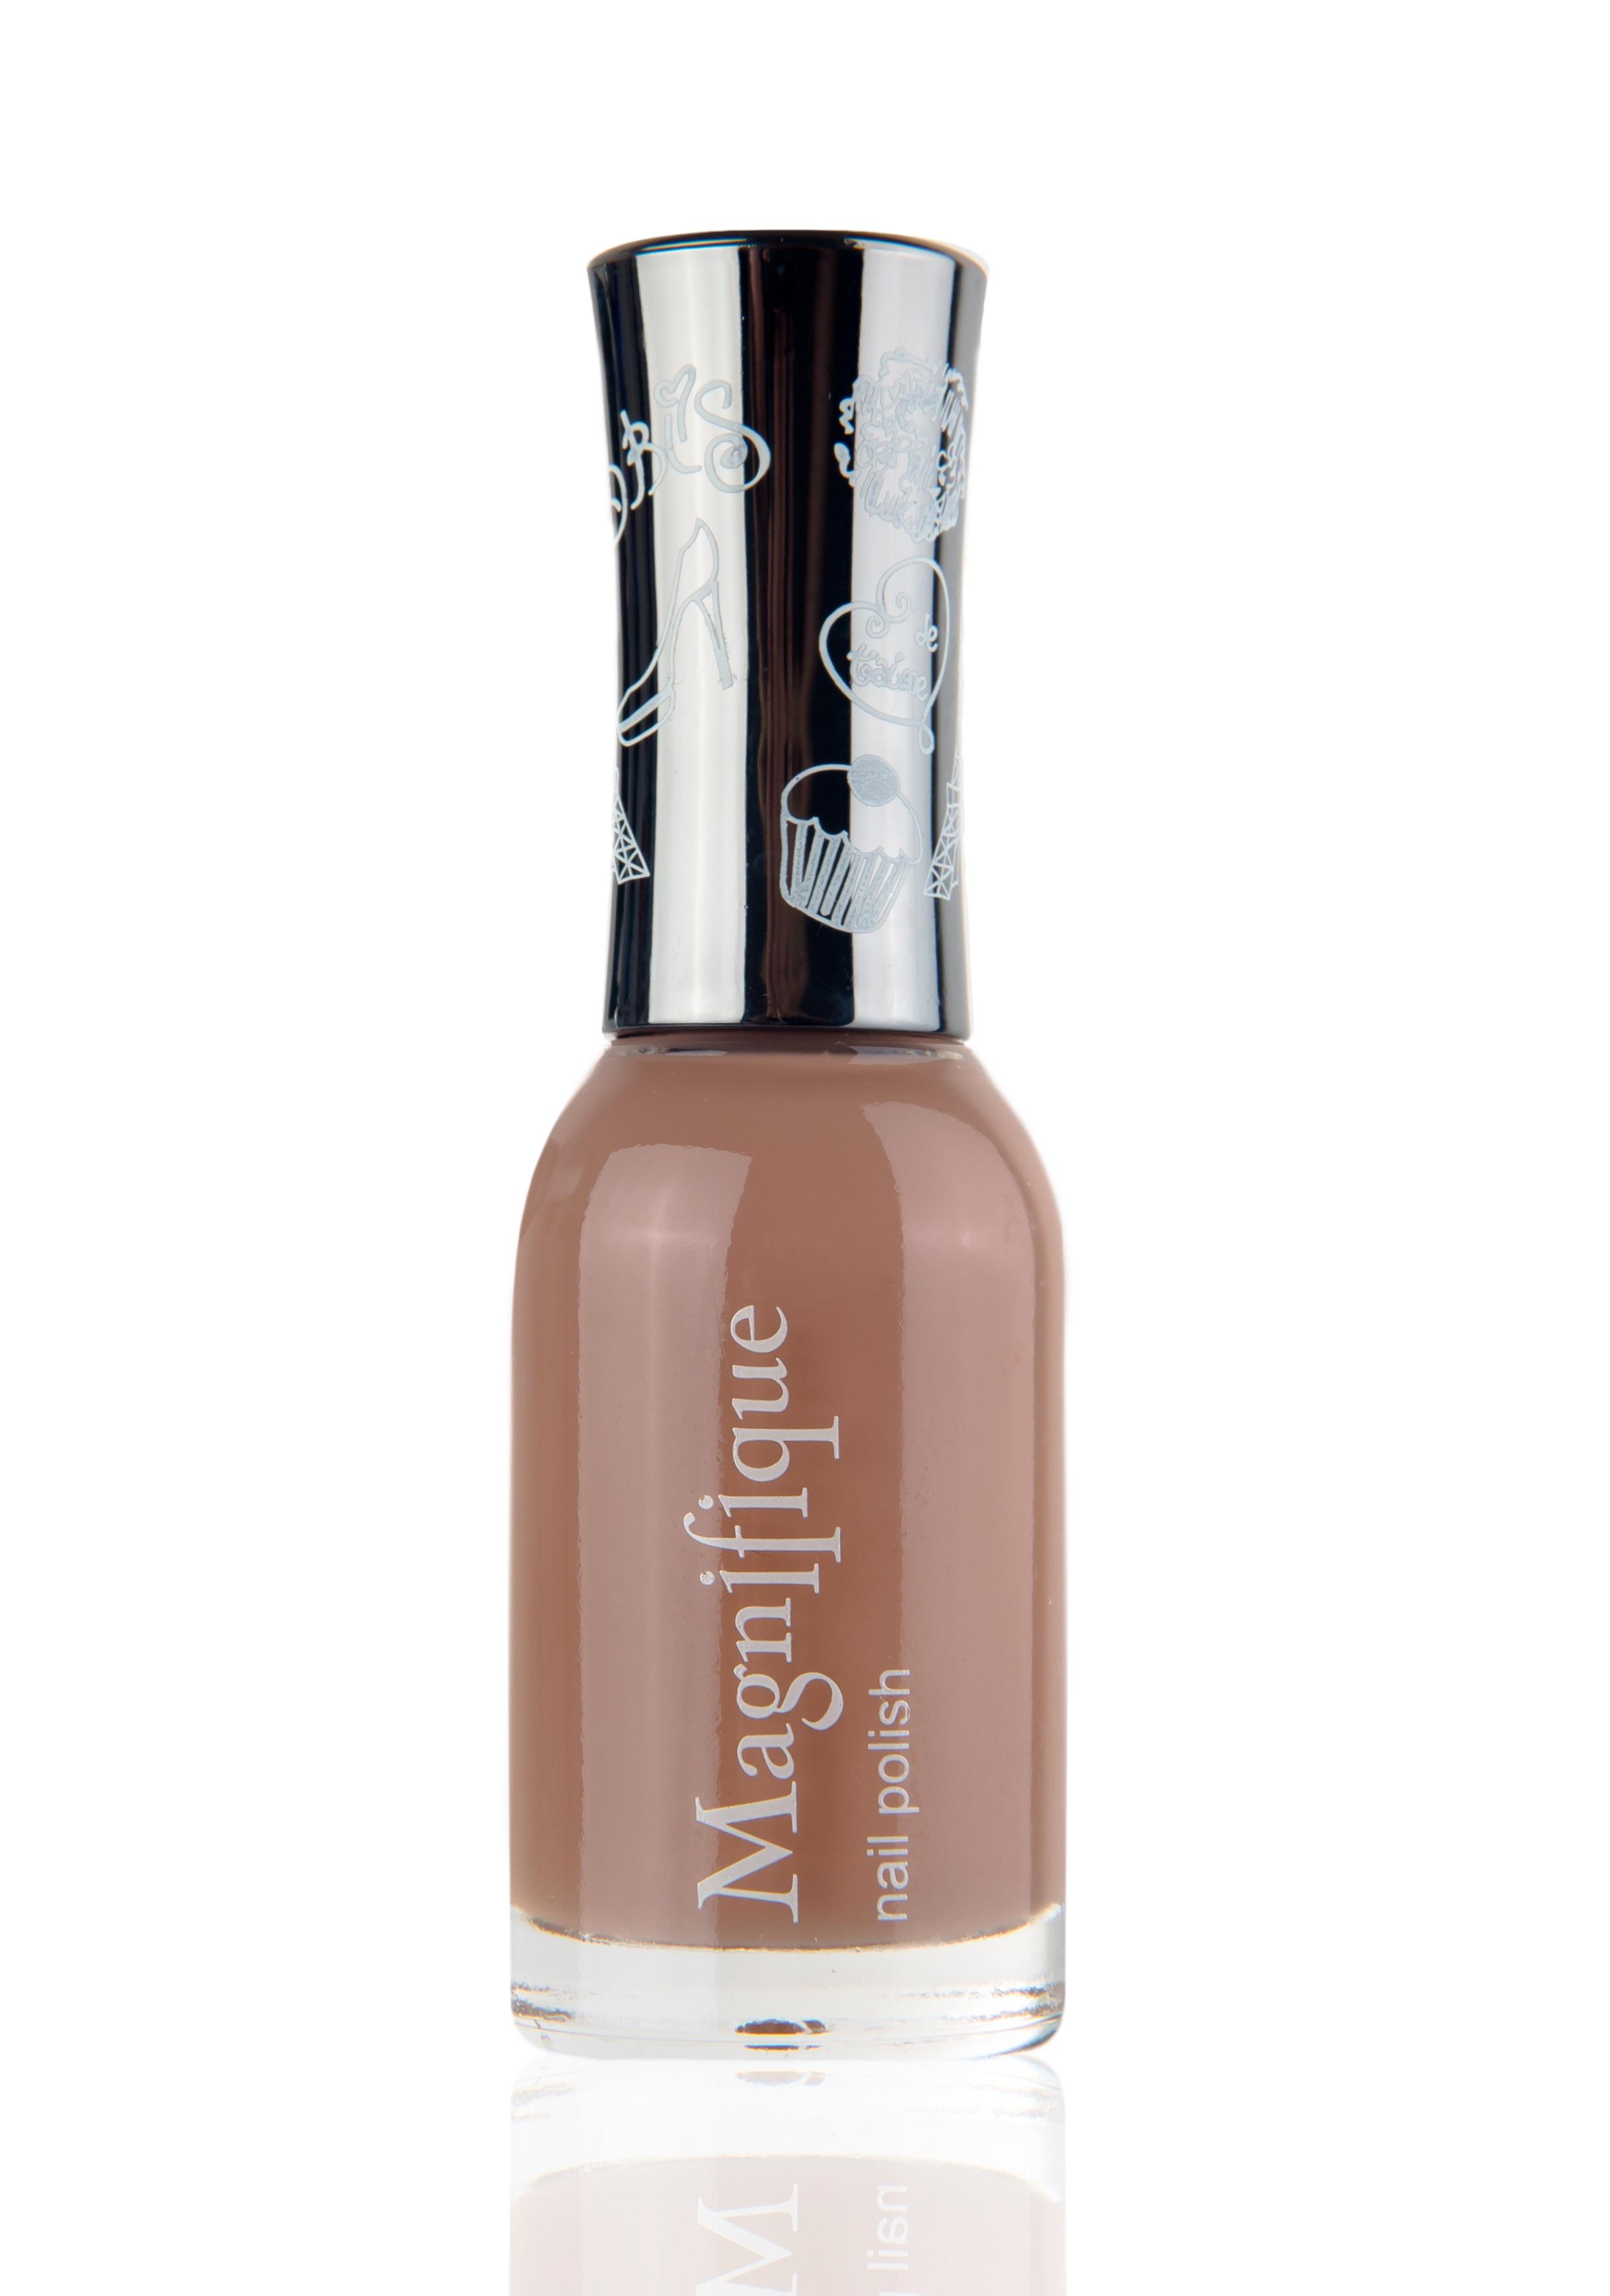 Купить AURELIA 107 лак для ногтей / Magnifique GEL effect 13 мл